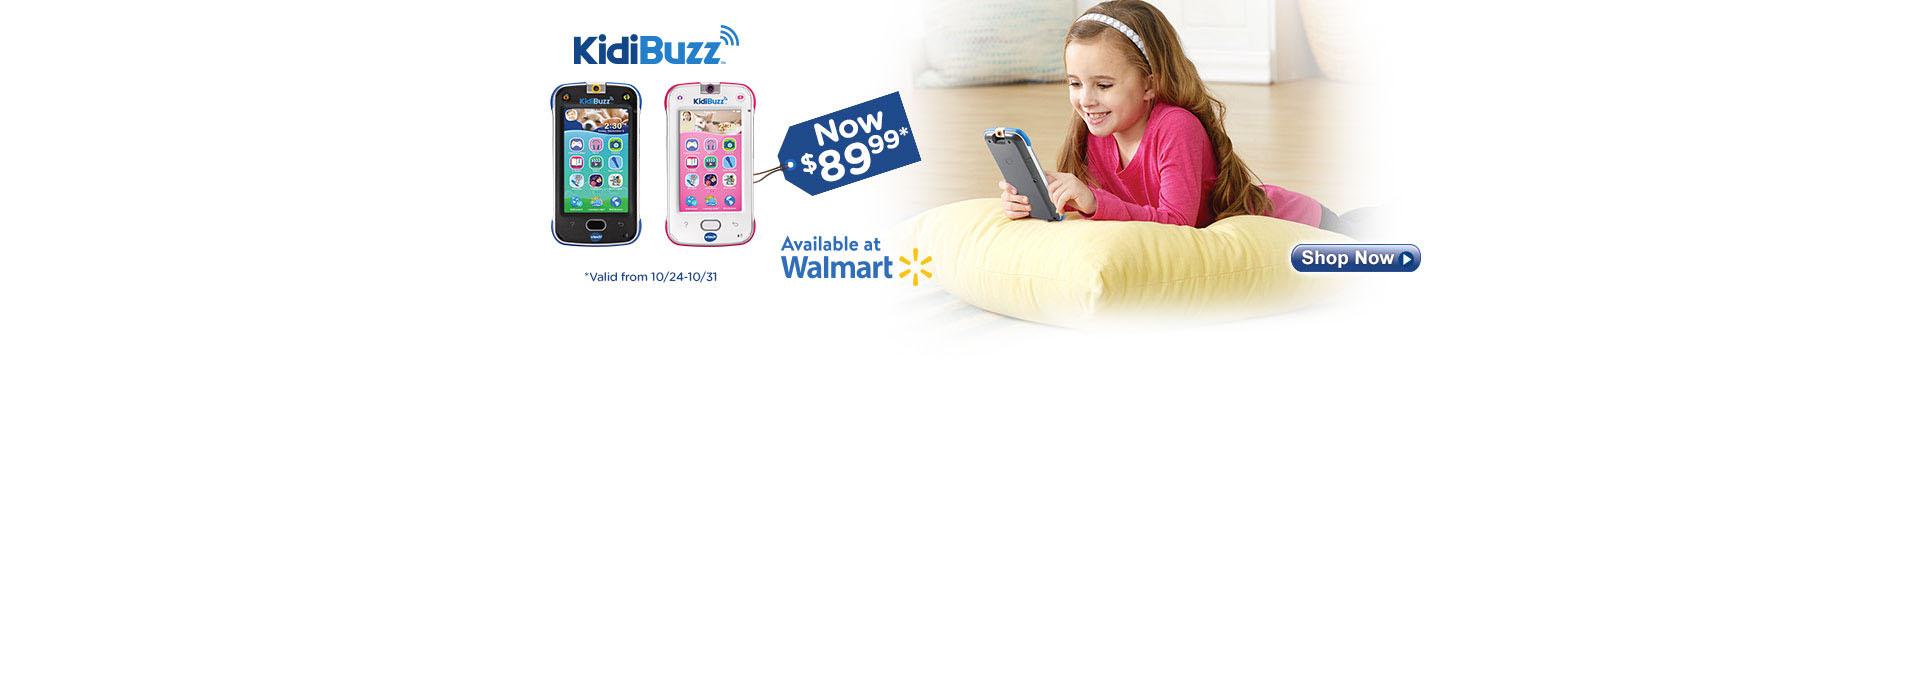 KidiBuzz $89.99 - Walmart